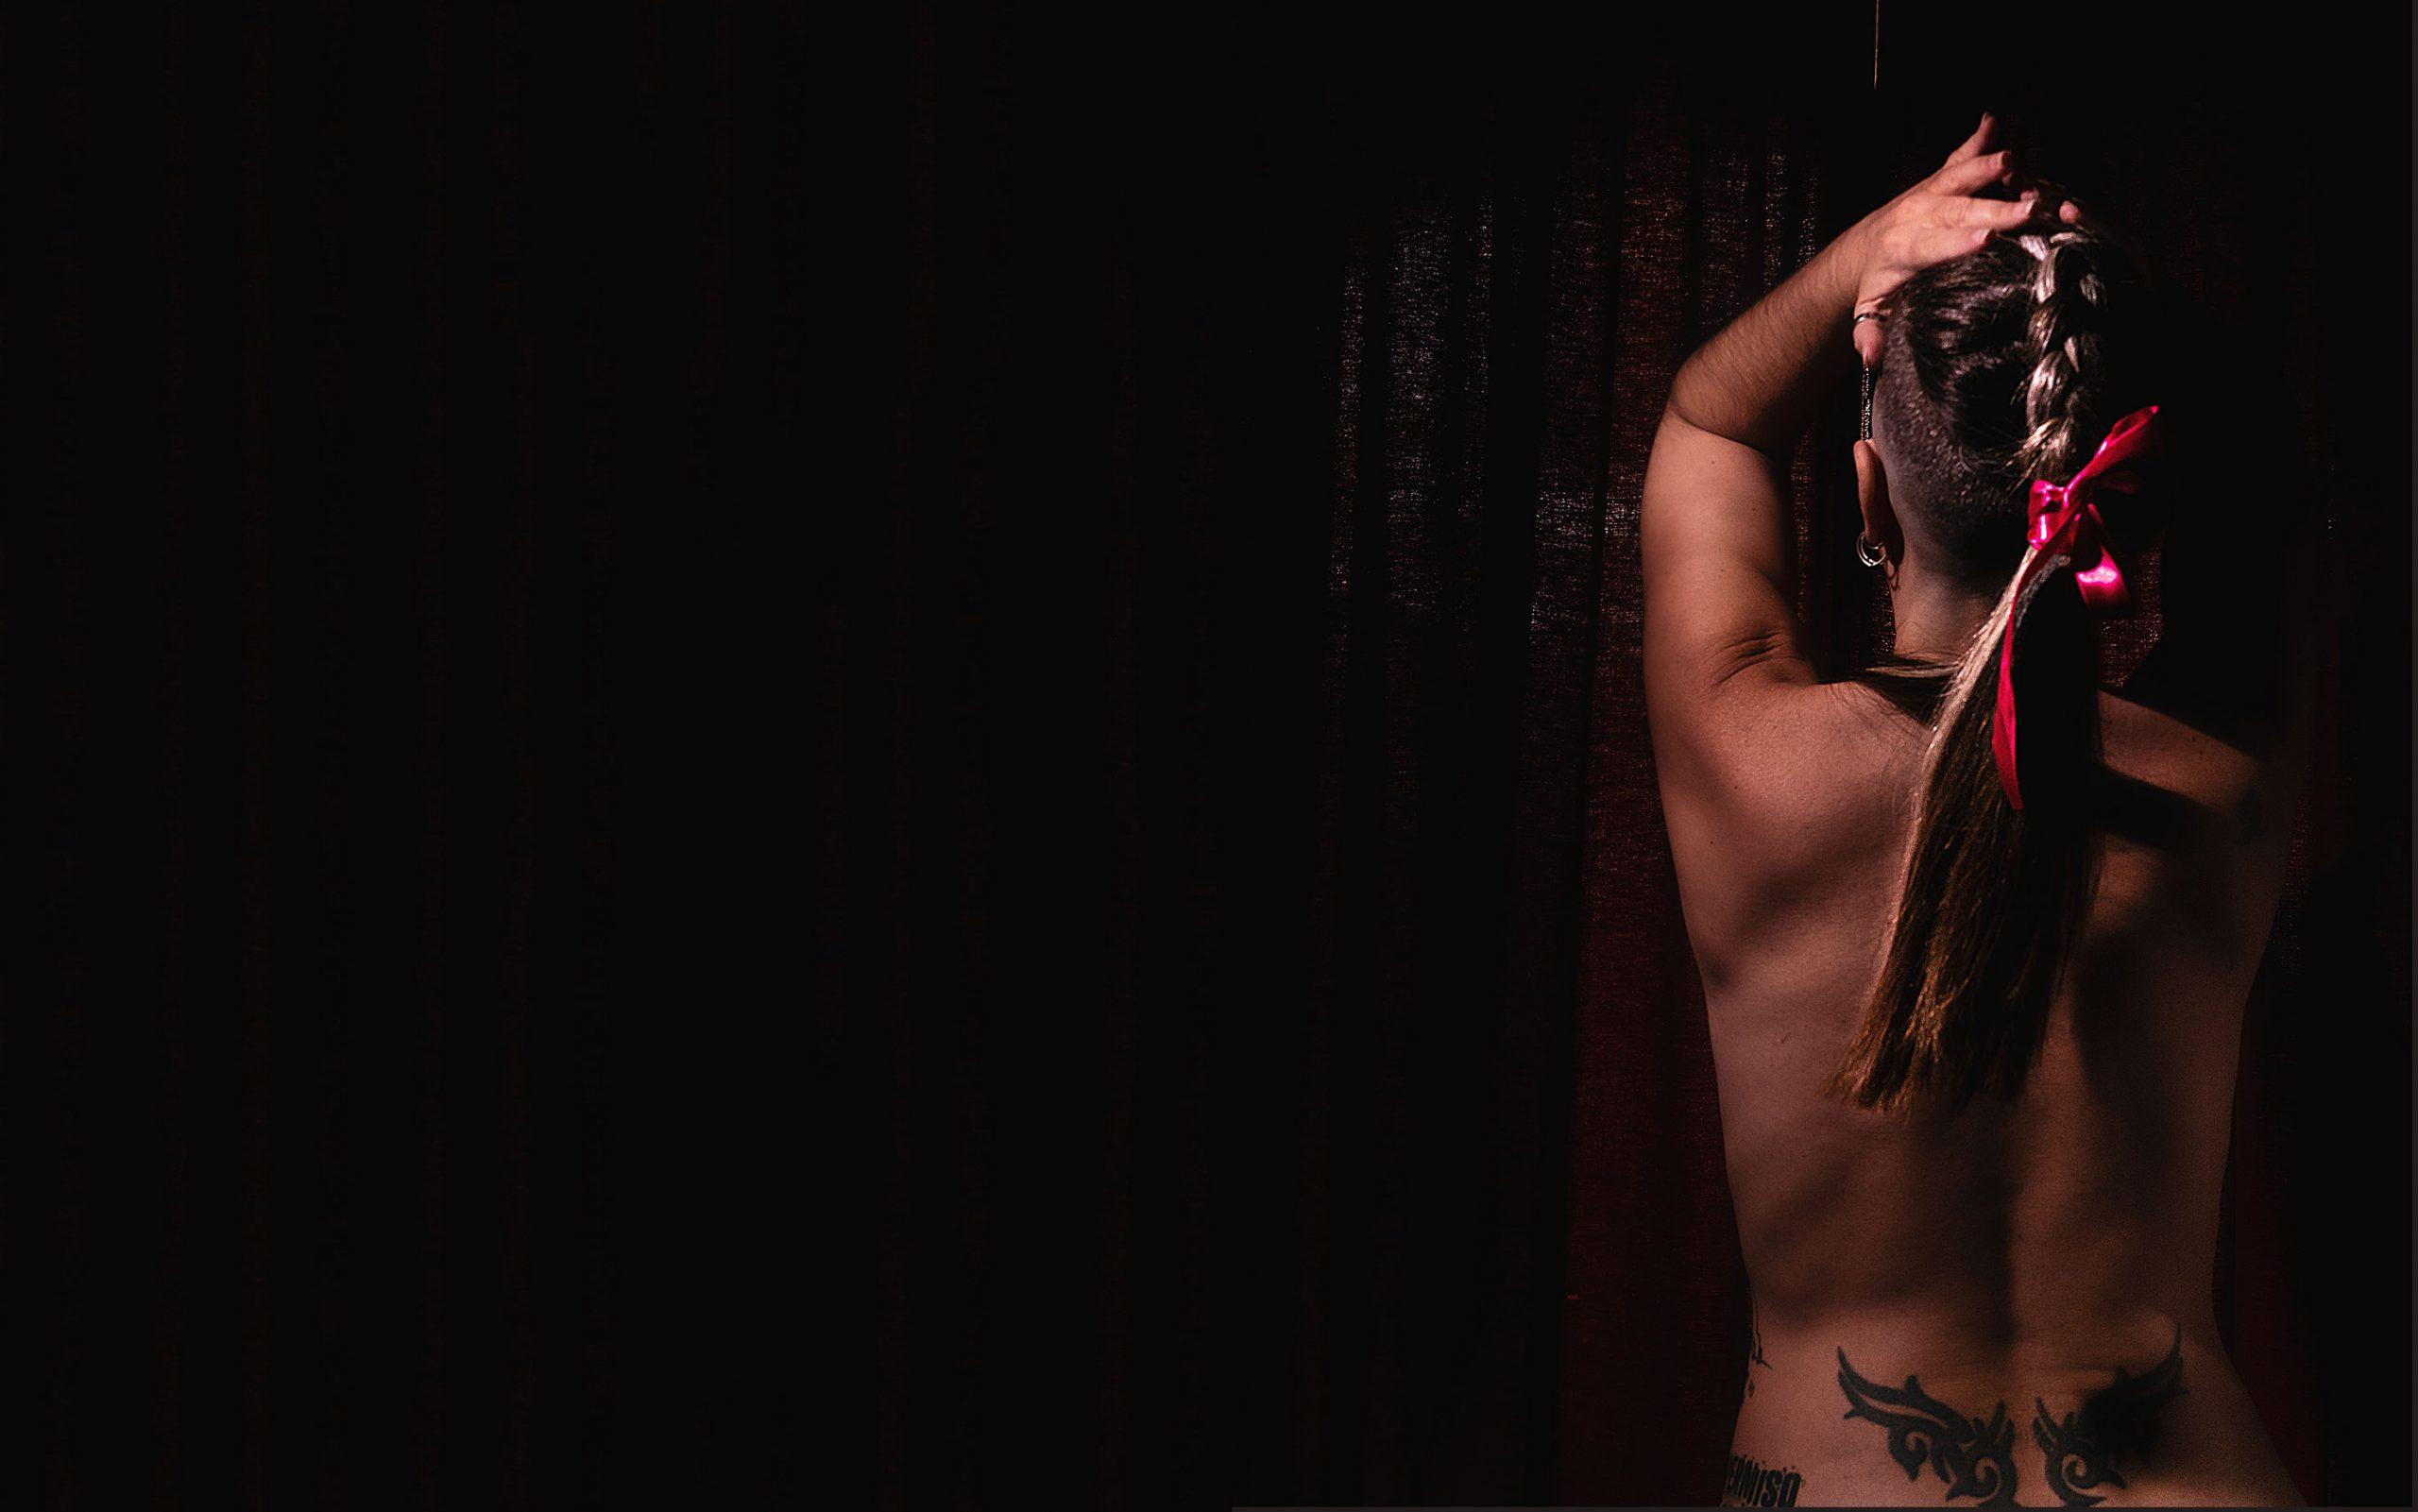 mujer de espaldas desnuda y trenza en el pelo